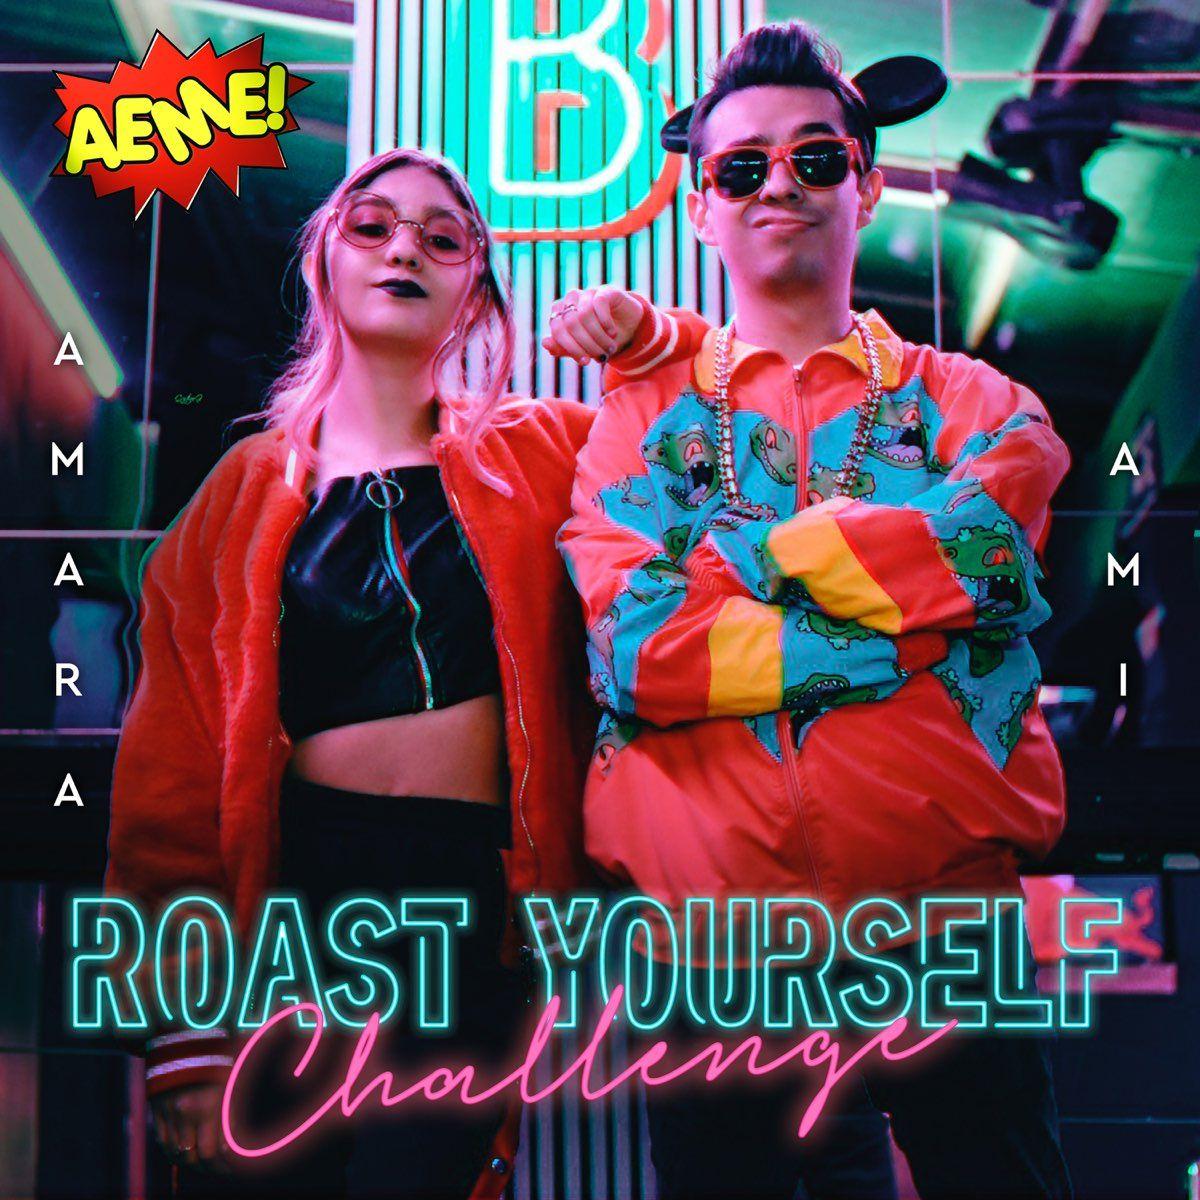 El famoso show de internet AEME (de Ami rodríguez y Amara que linda) fue cancelado tras la causa de la muerte de Amara que linda .Colombianos tristes pero su familia aun más triste